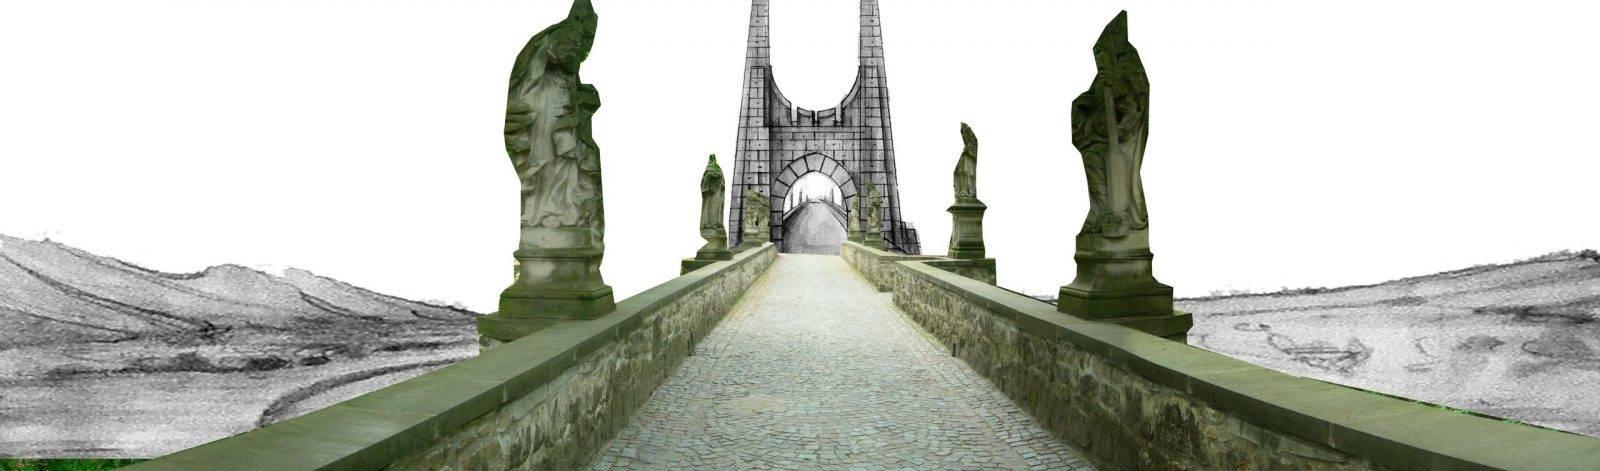 O uloupené divožence by Jan Kadlec